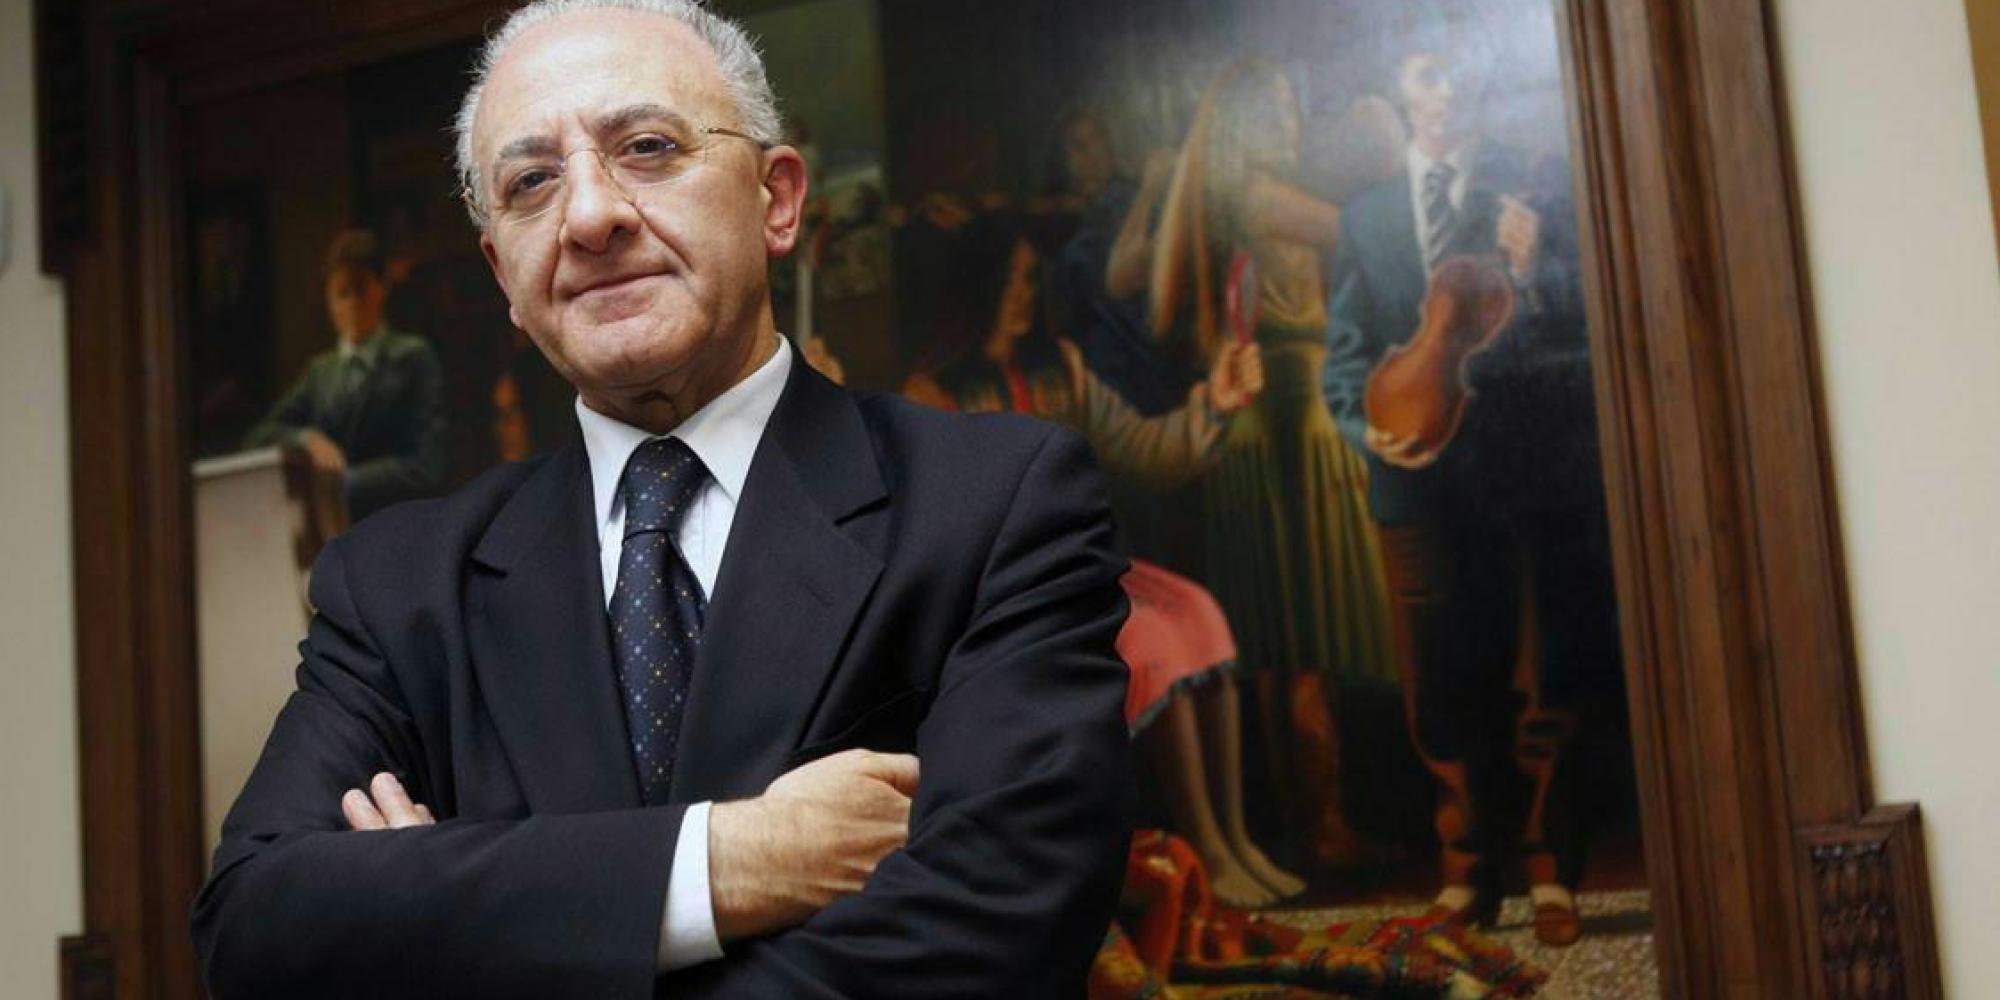 Chi è Vincenzo De Luca, nuovo governatore della Campania